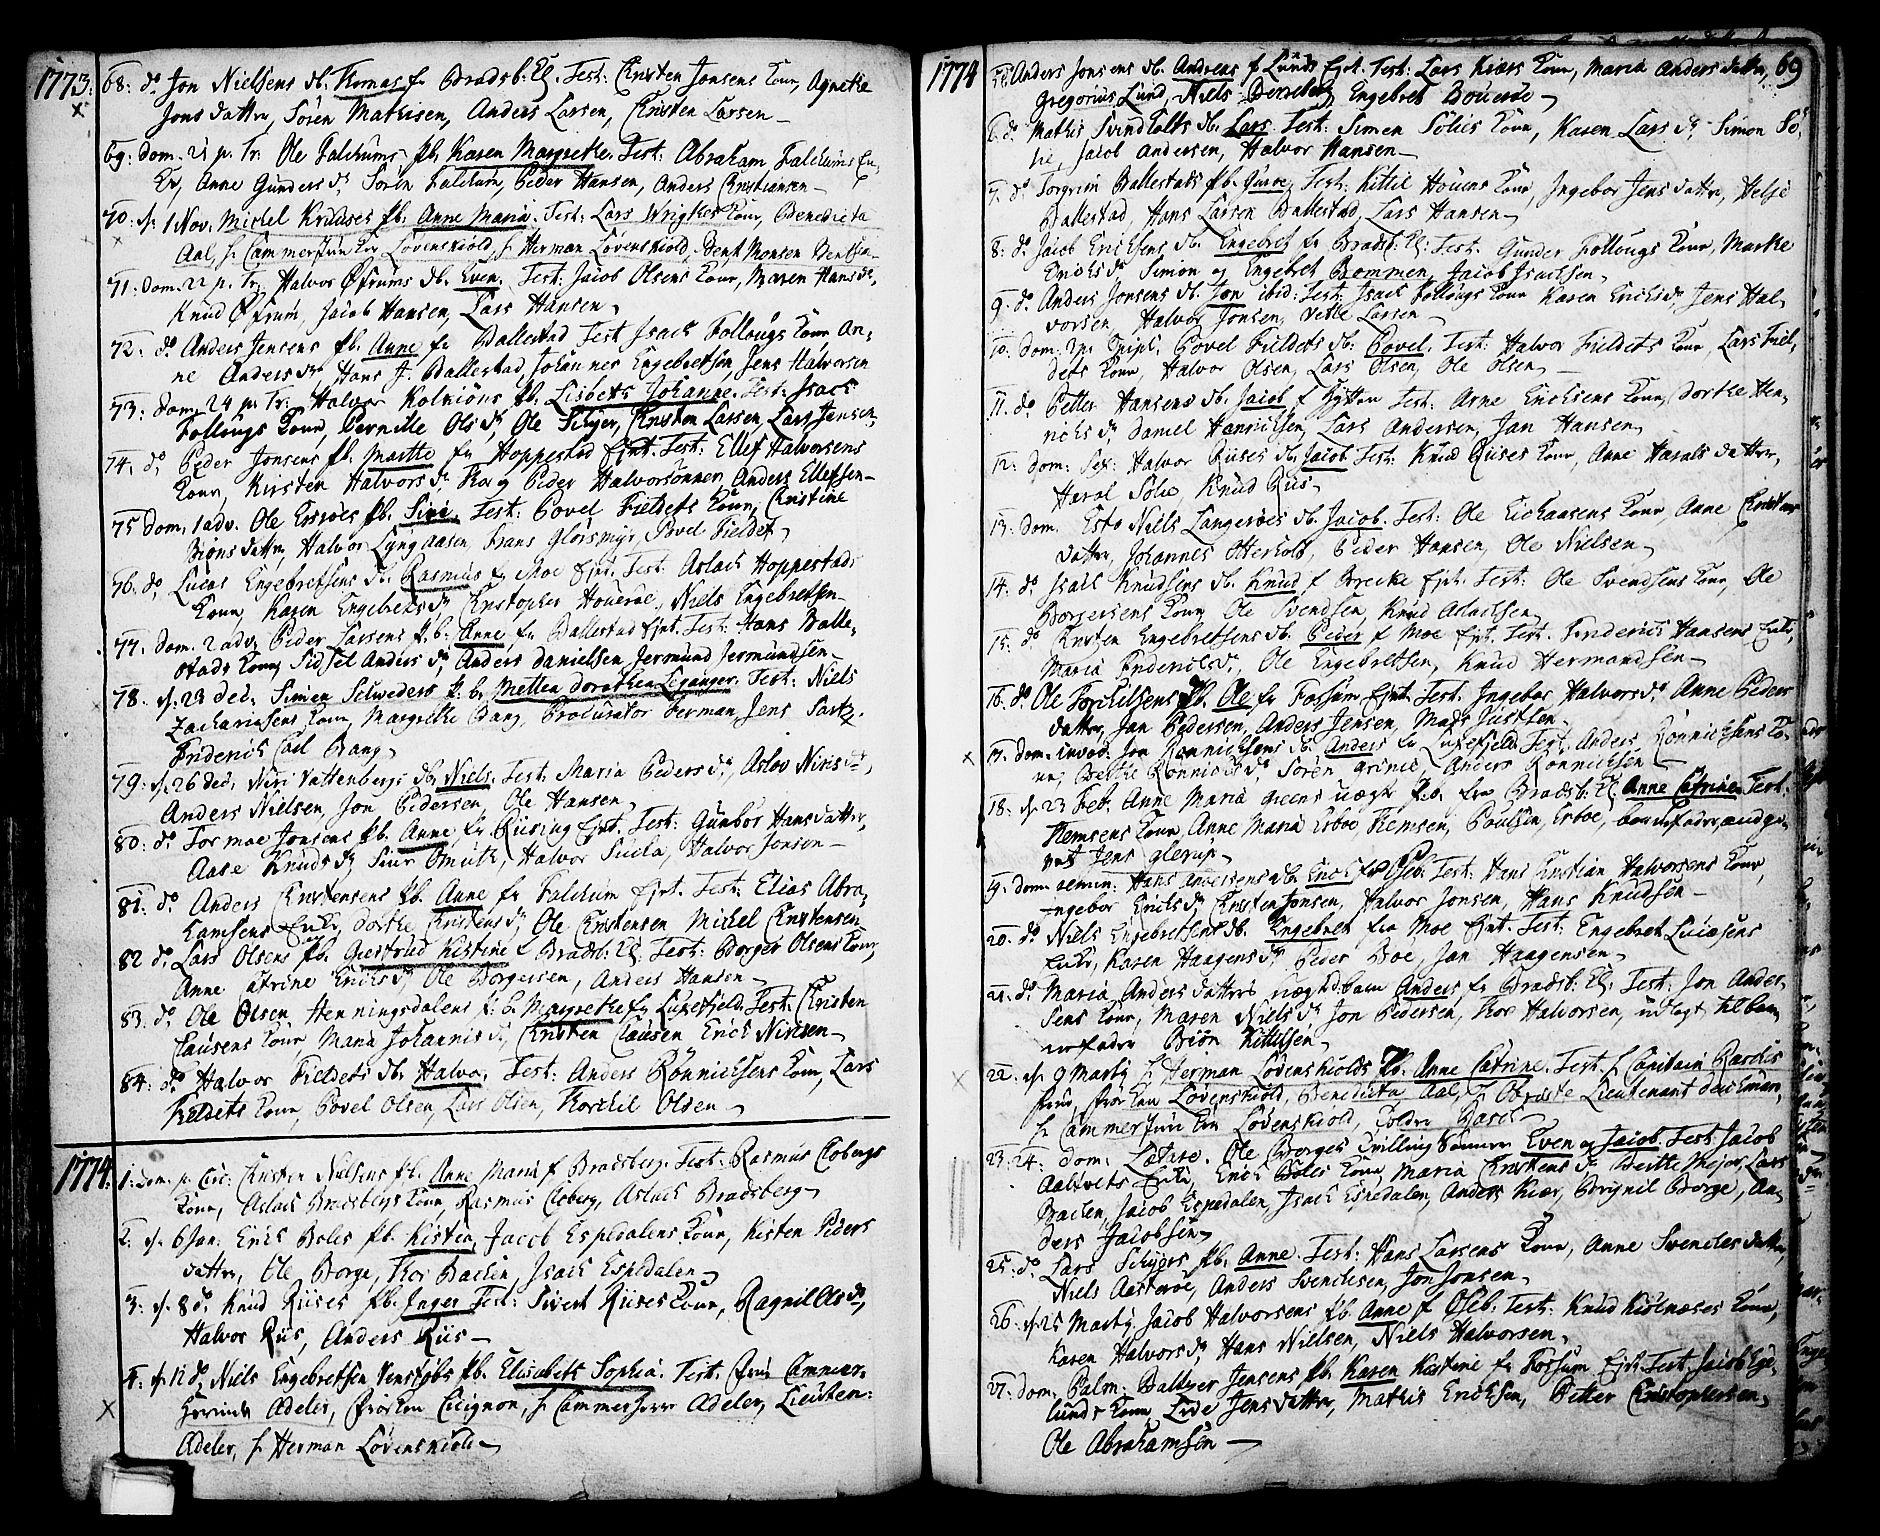 SAKO, Gjerpen kirkebøker, F/Fa/L0002: Ministerialbok nr. 2, 1747-1795, s. 69